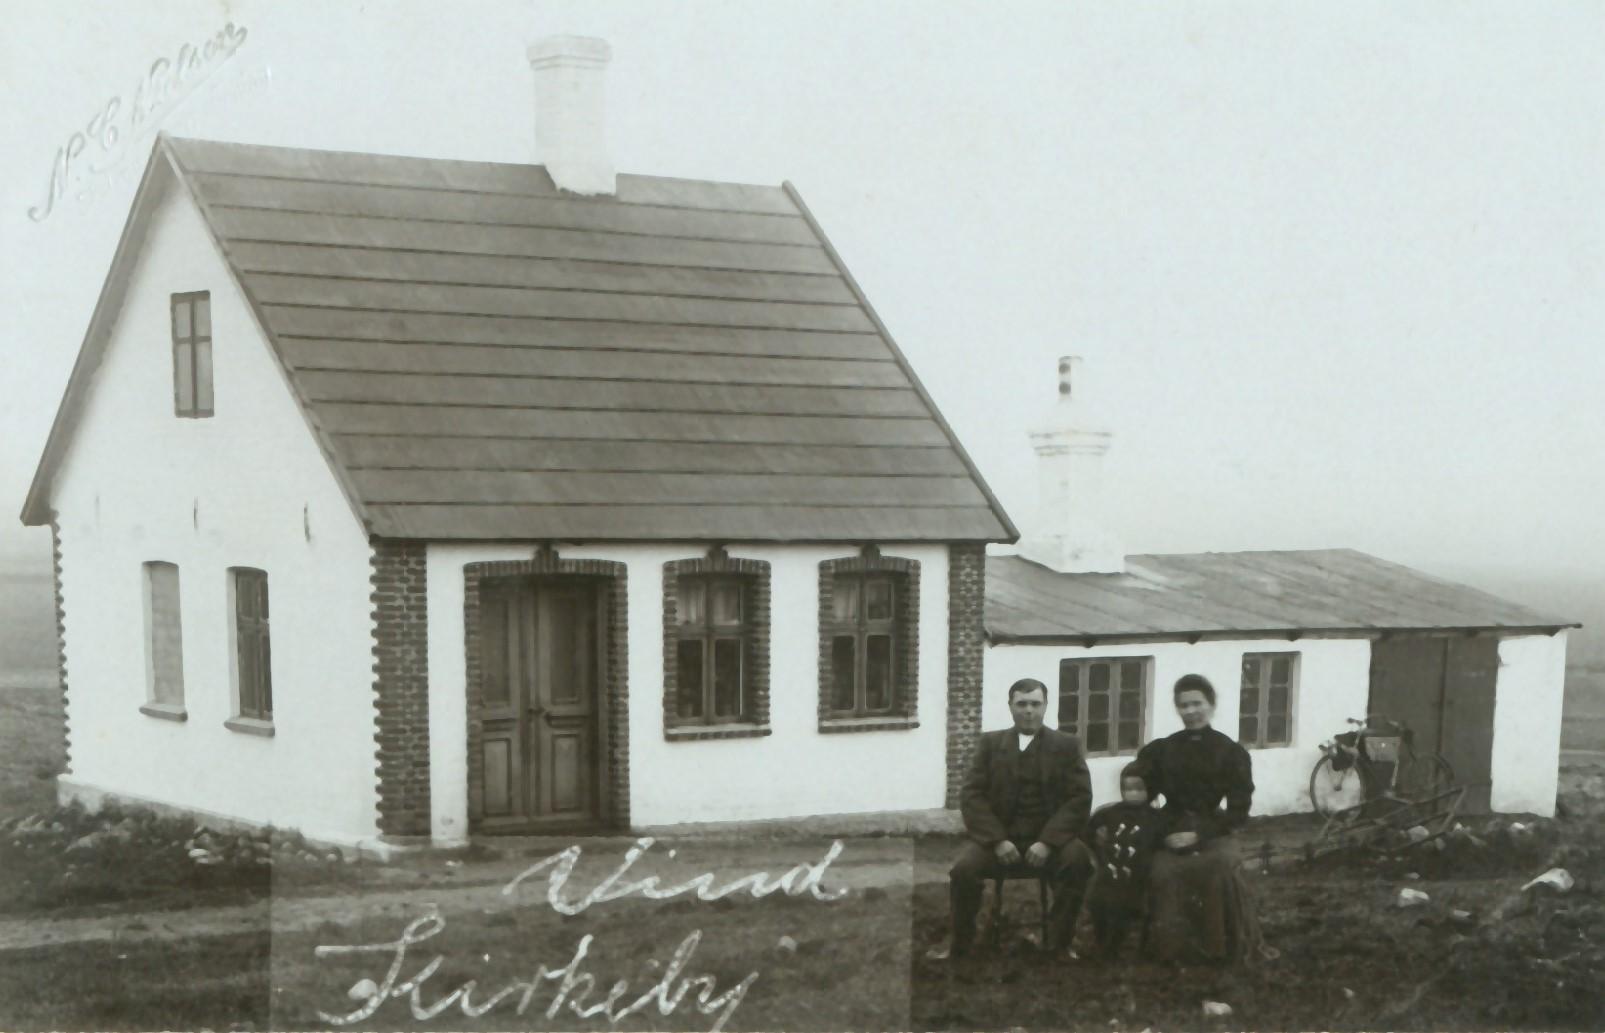 Smed i Vind Kirkeby, Esper Kjærgaard Jørgensen (1883-1969) fotograferet med sin hustru Anna Kathrine (f. Christensen, 1882-1953) og deres datter Jenny (1907-1913). Omkring 1910.